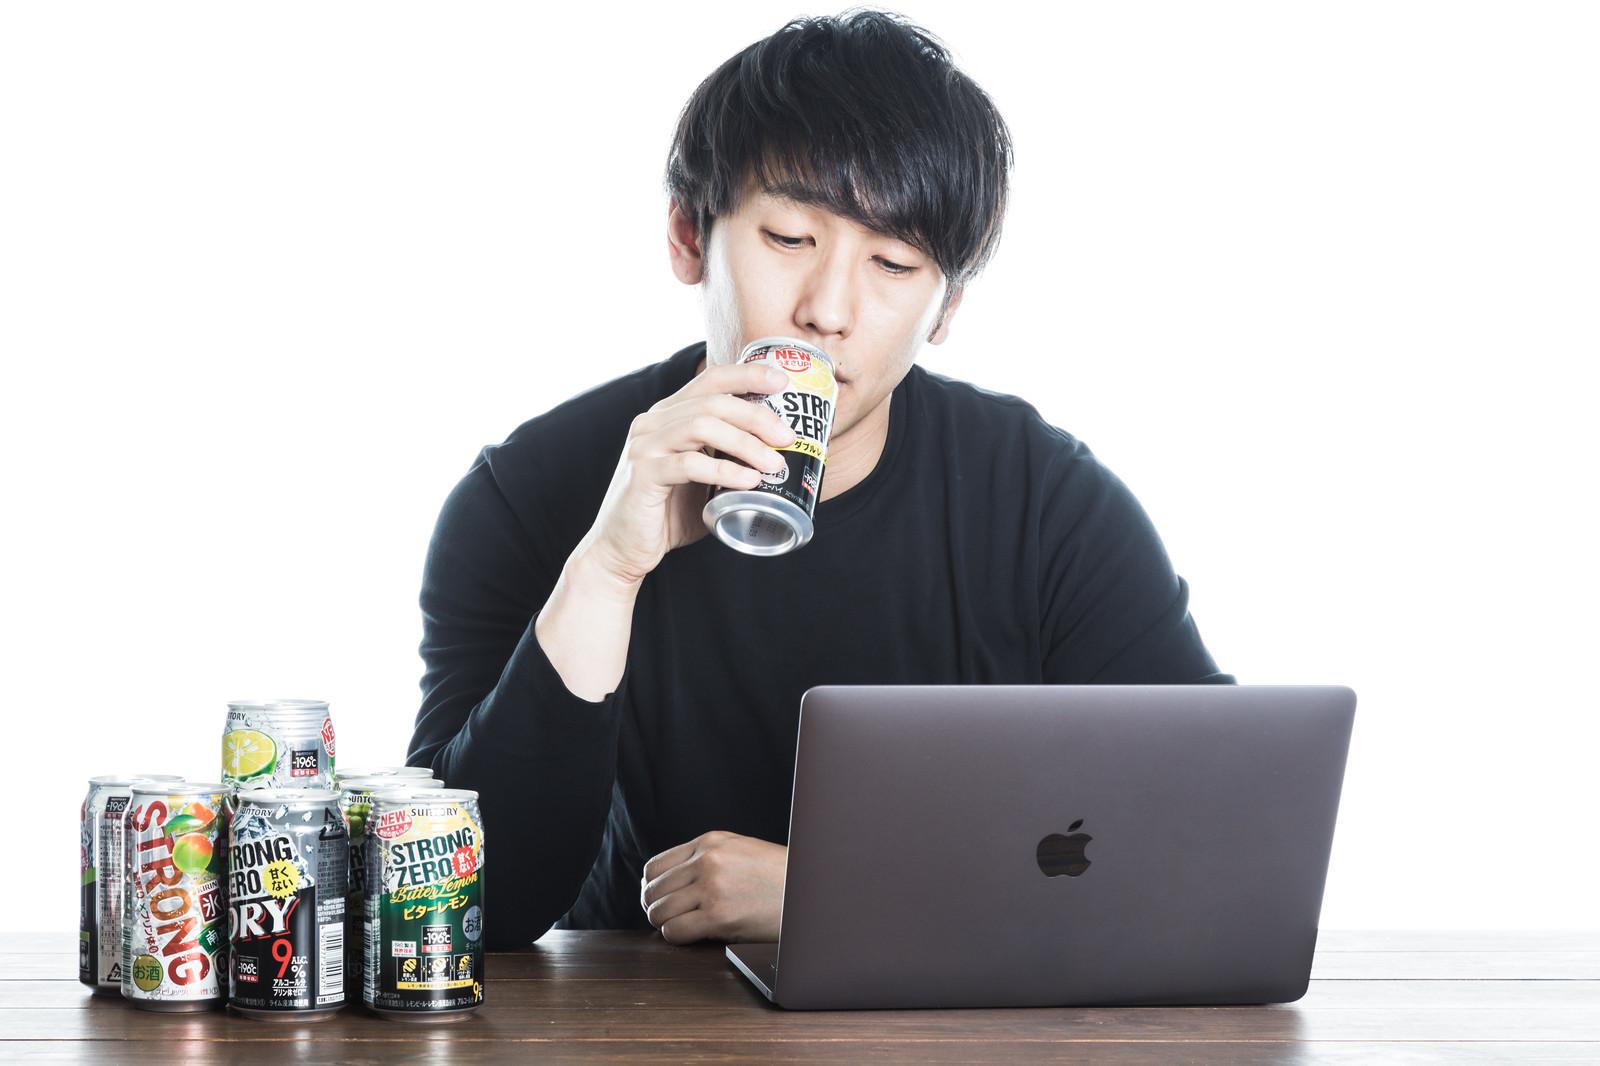 アルコール依存症患者の看護│アル中の進行過程についても解説するよ!4